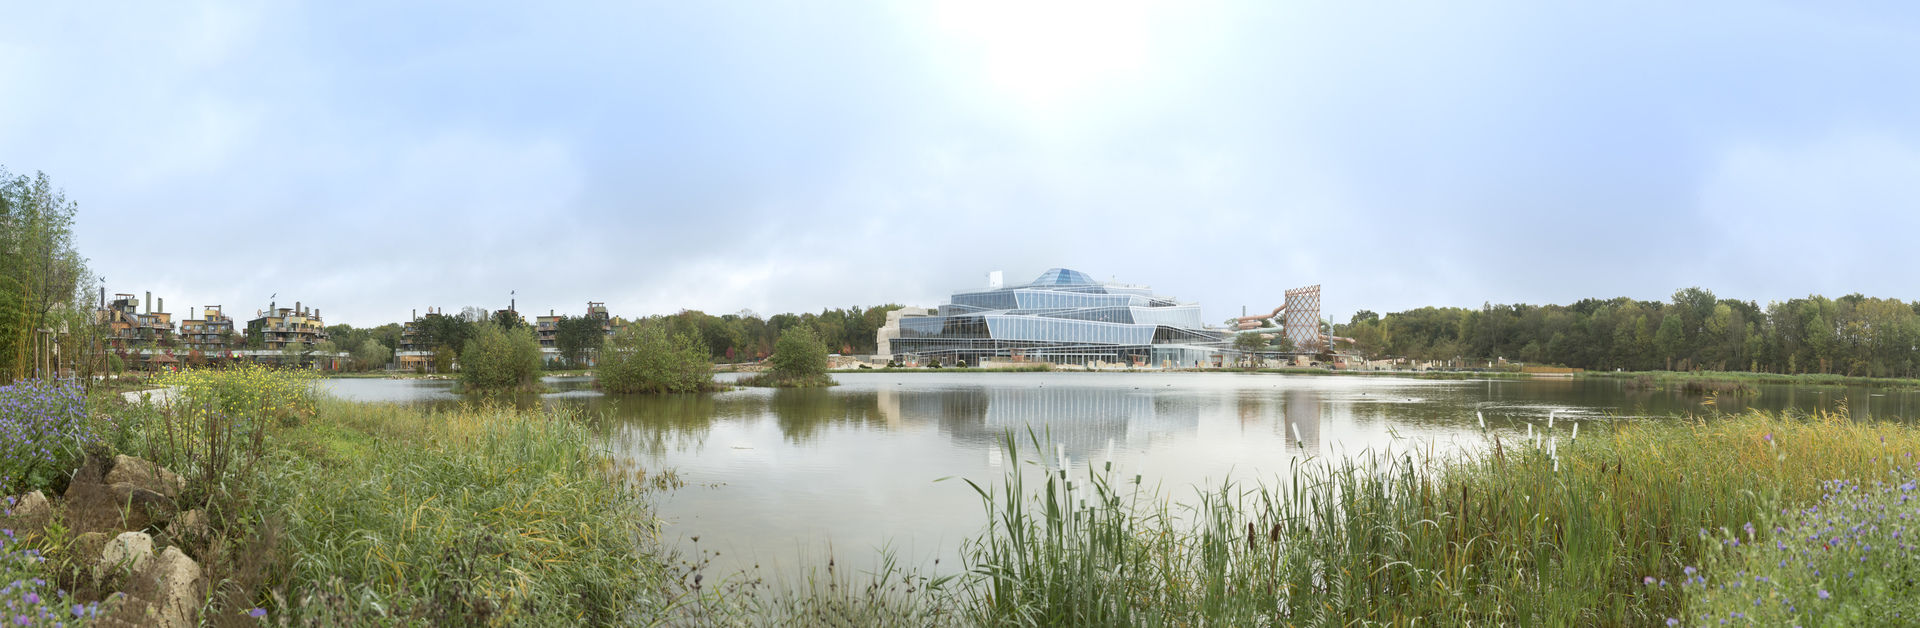 France - Ile de France - Disneyland Paris - Paris - Villages Nature ® Paris by Center Parcs : Vivez au rythme de la nature !